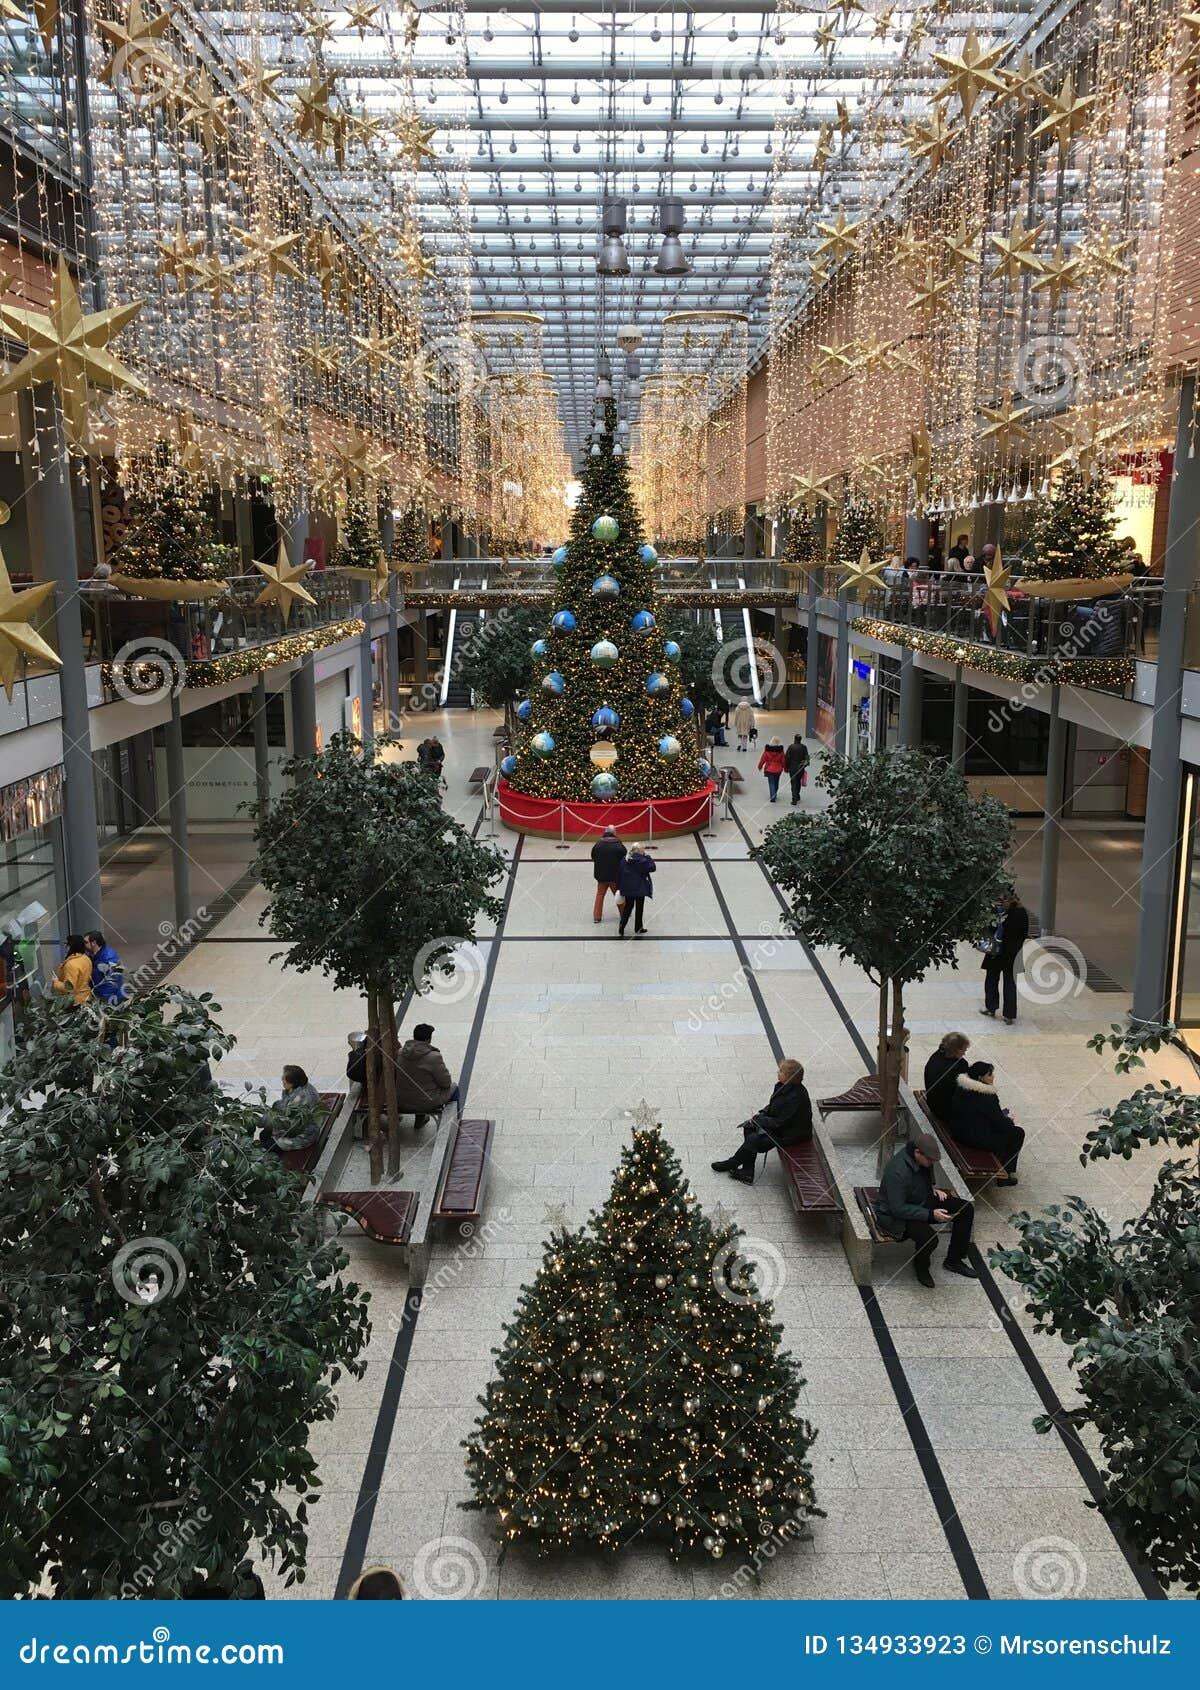 Einkaufszentrum Potsdamer Platz Arkaden in der Weihnachtsdekoration mit enormem Weihnachtsbaum, Girlanden und Lichtern